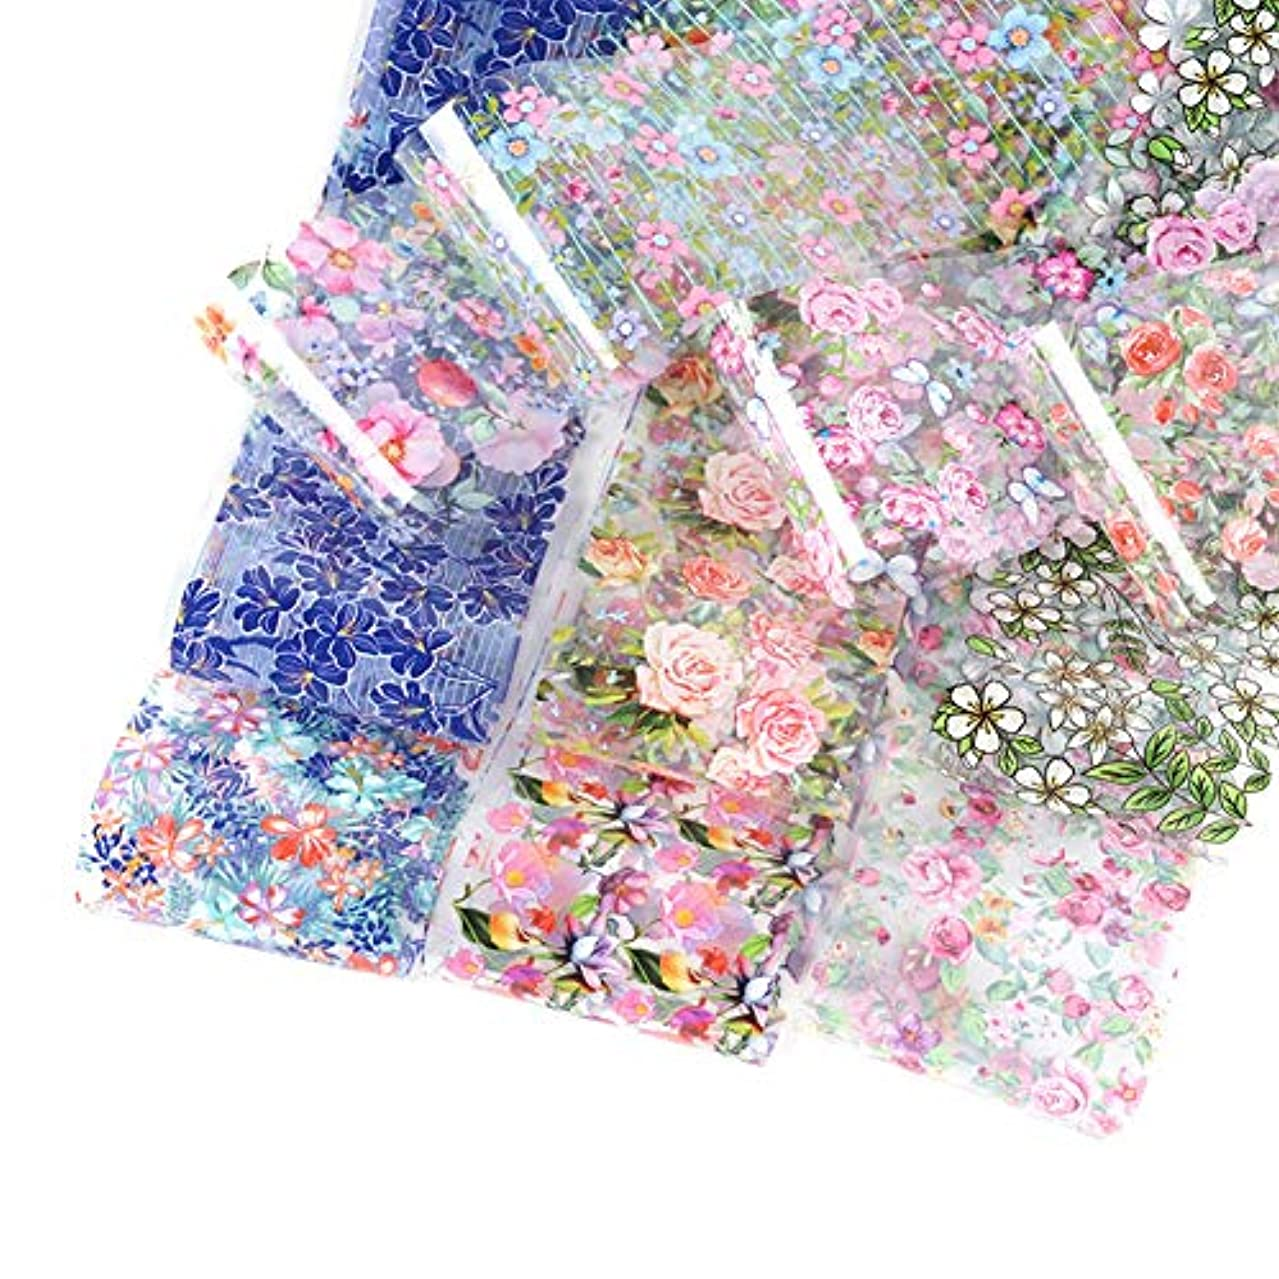 しない孤独塊Radiya ネイルシール ネイルステッカー 星空ネイル シェル 花柄ネイルホイル 水彩の花 転写ホイル 箔紙 シェルプリント 極薄フィルム 10枚セット